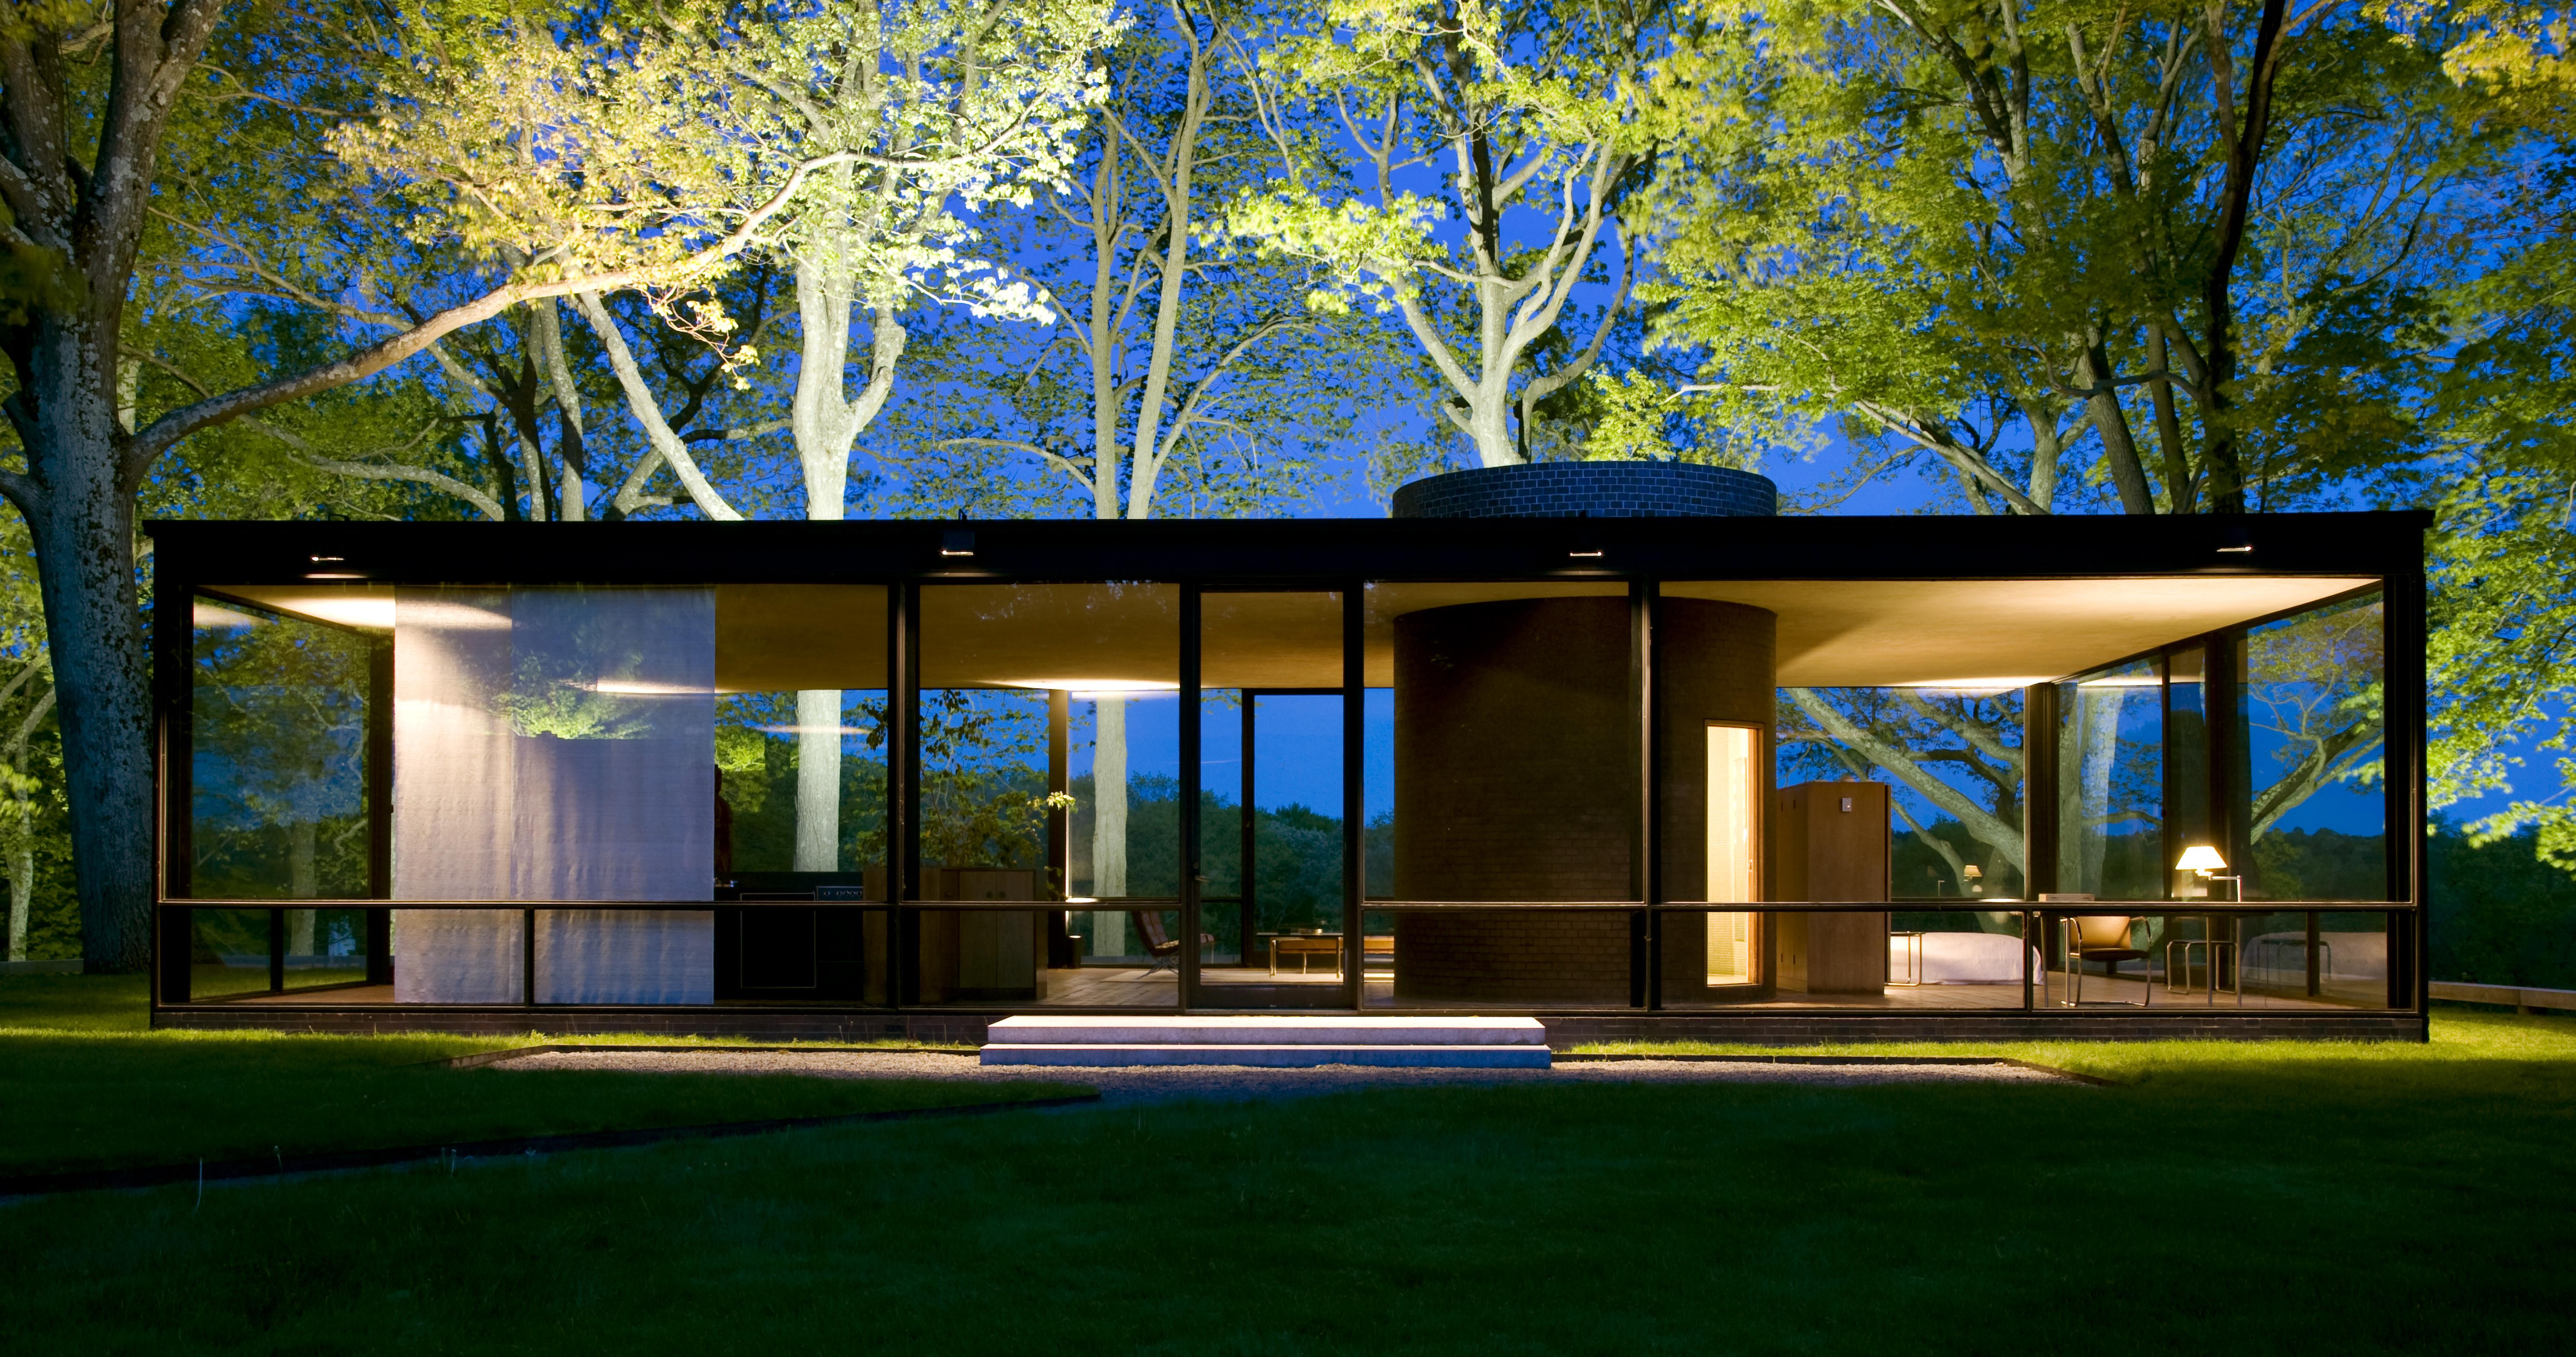 Casa diseñada por Philip Johnson